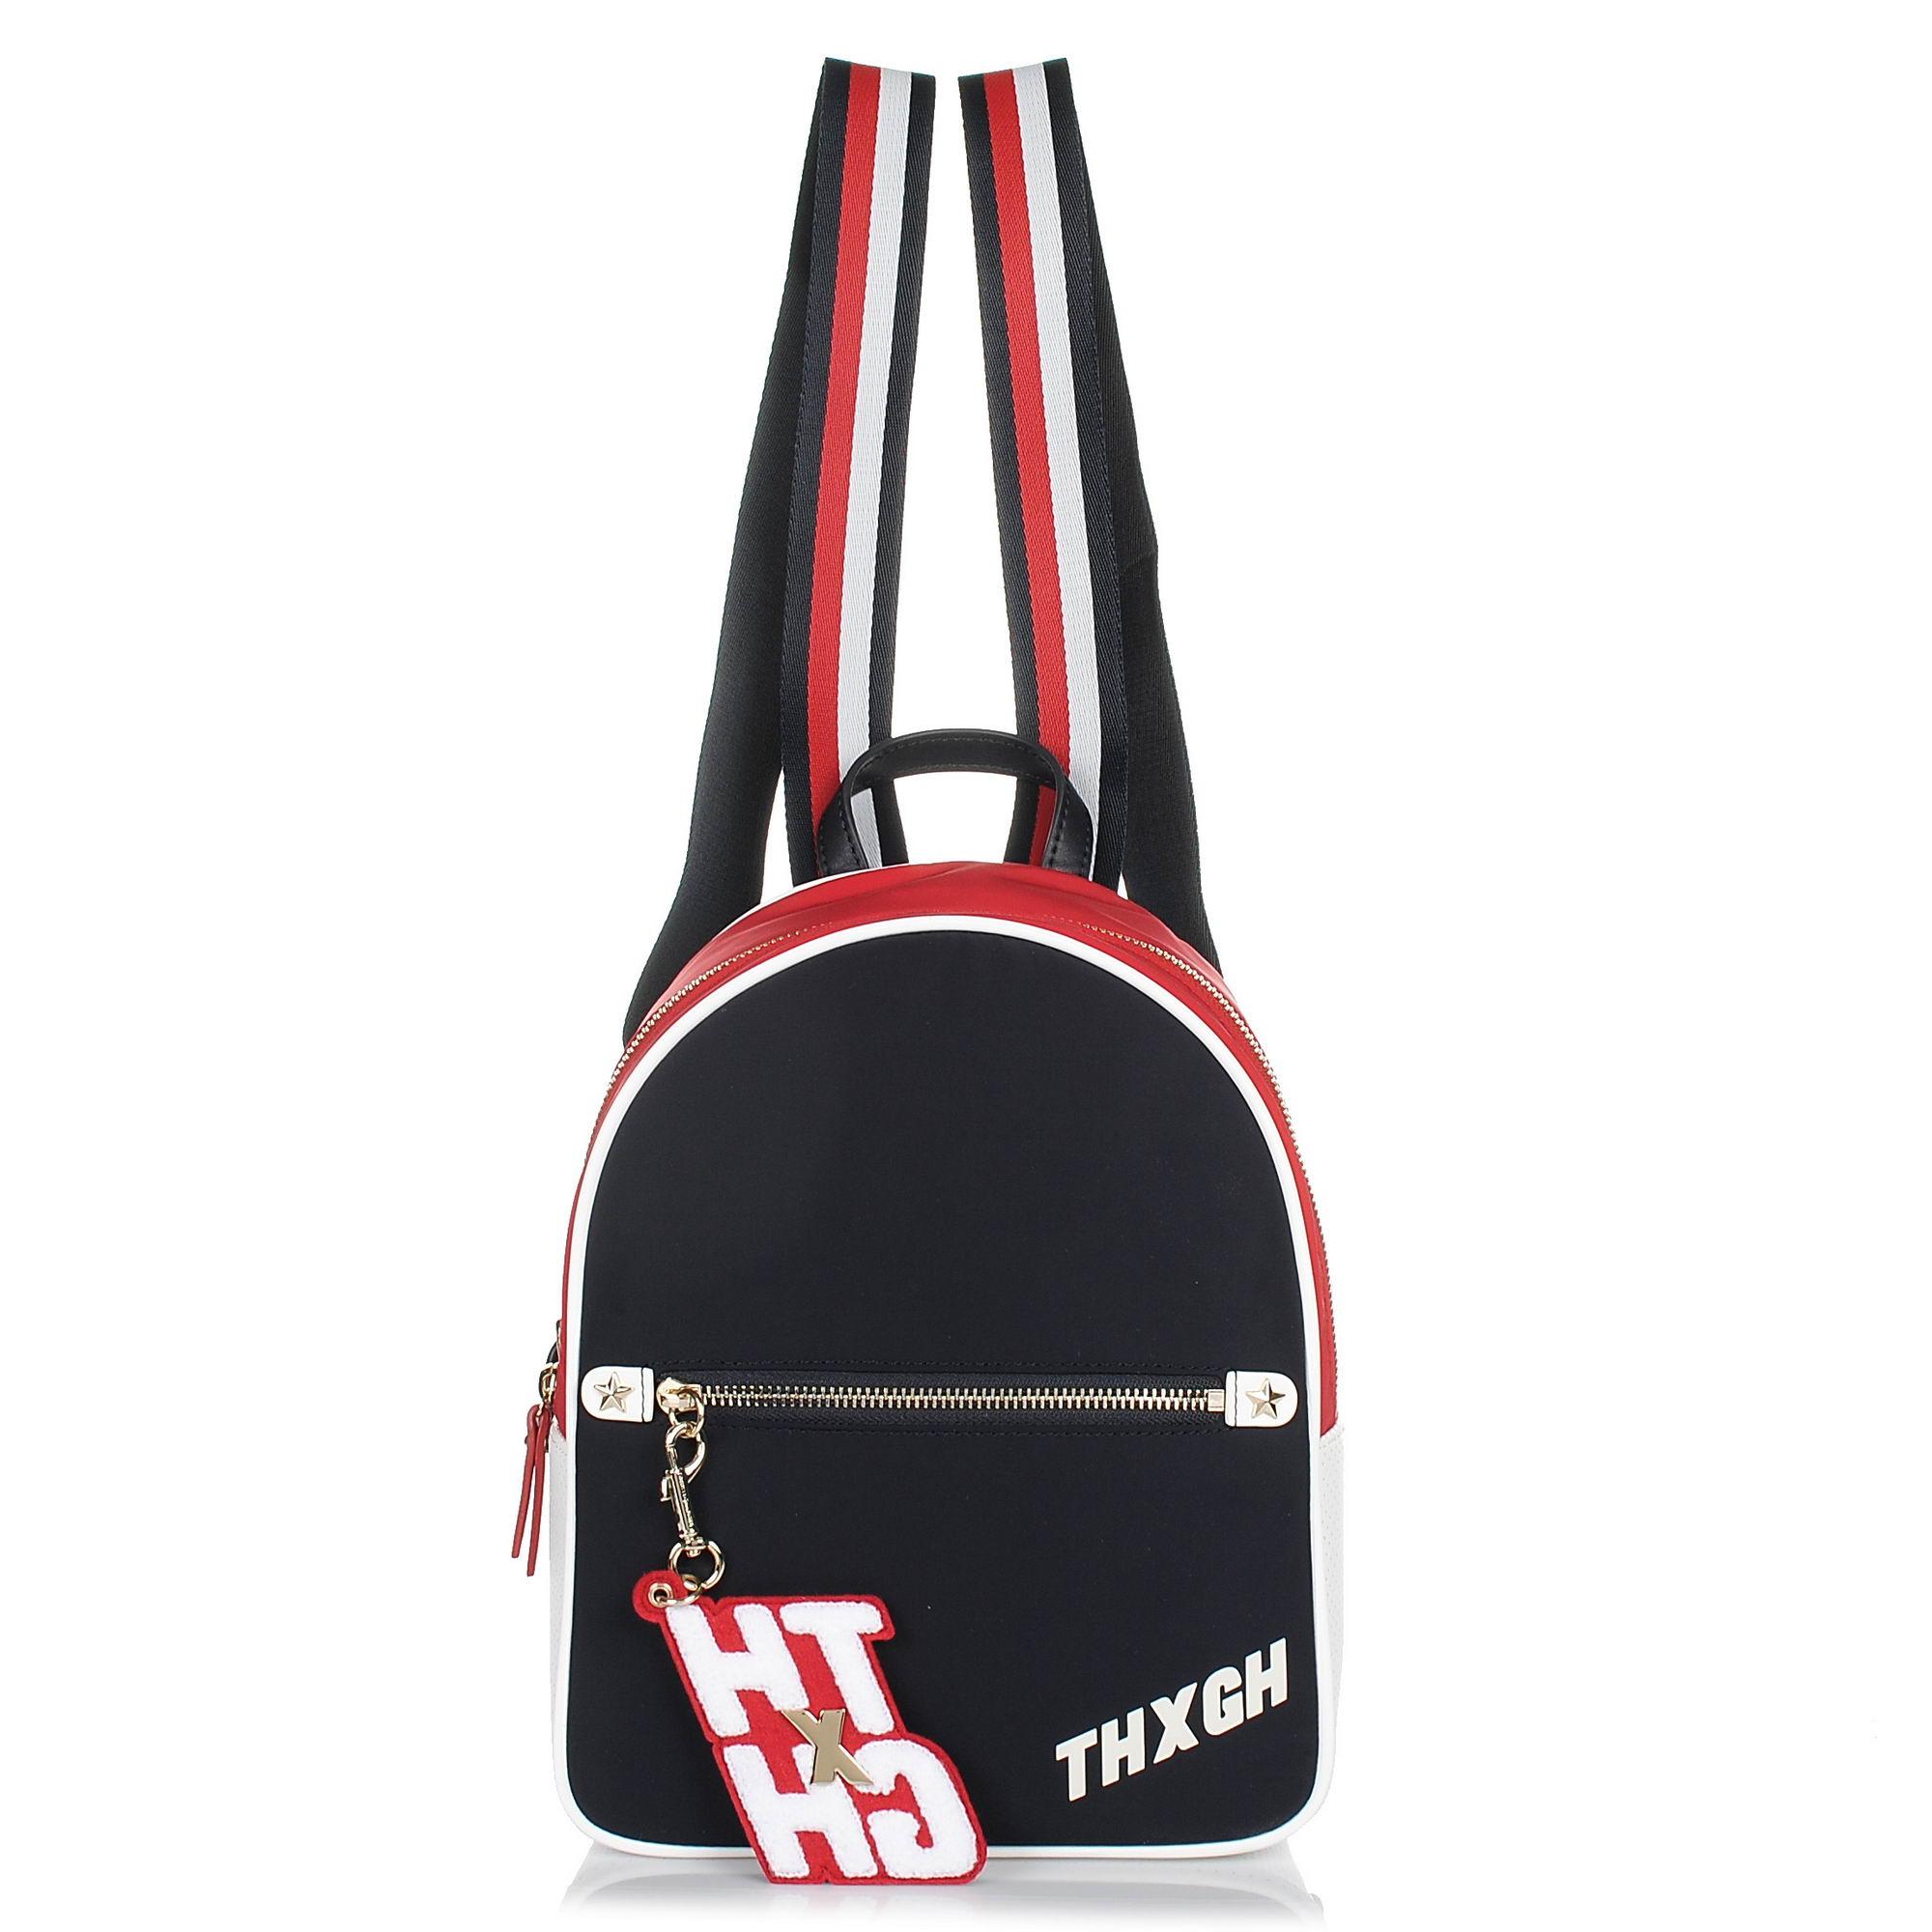 Σακίδιο Πλάτης Tommy Hilfiger Gigi Hadid Mini Backpack Nylon AW0AW05404 γυναικα   γυναικεία τσάντα